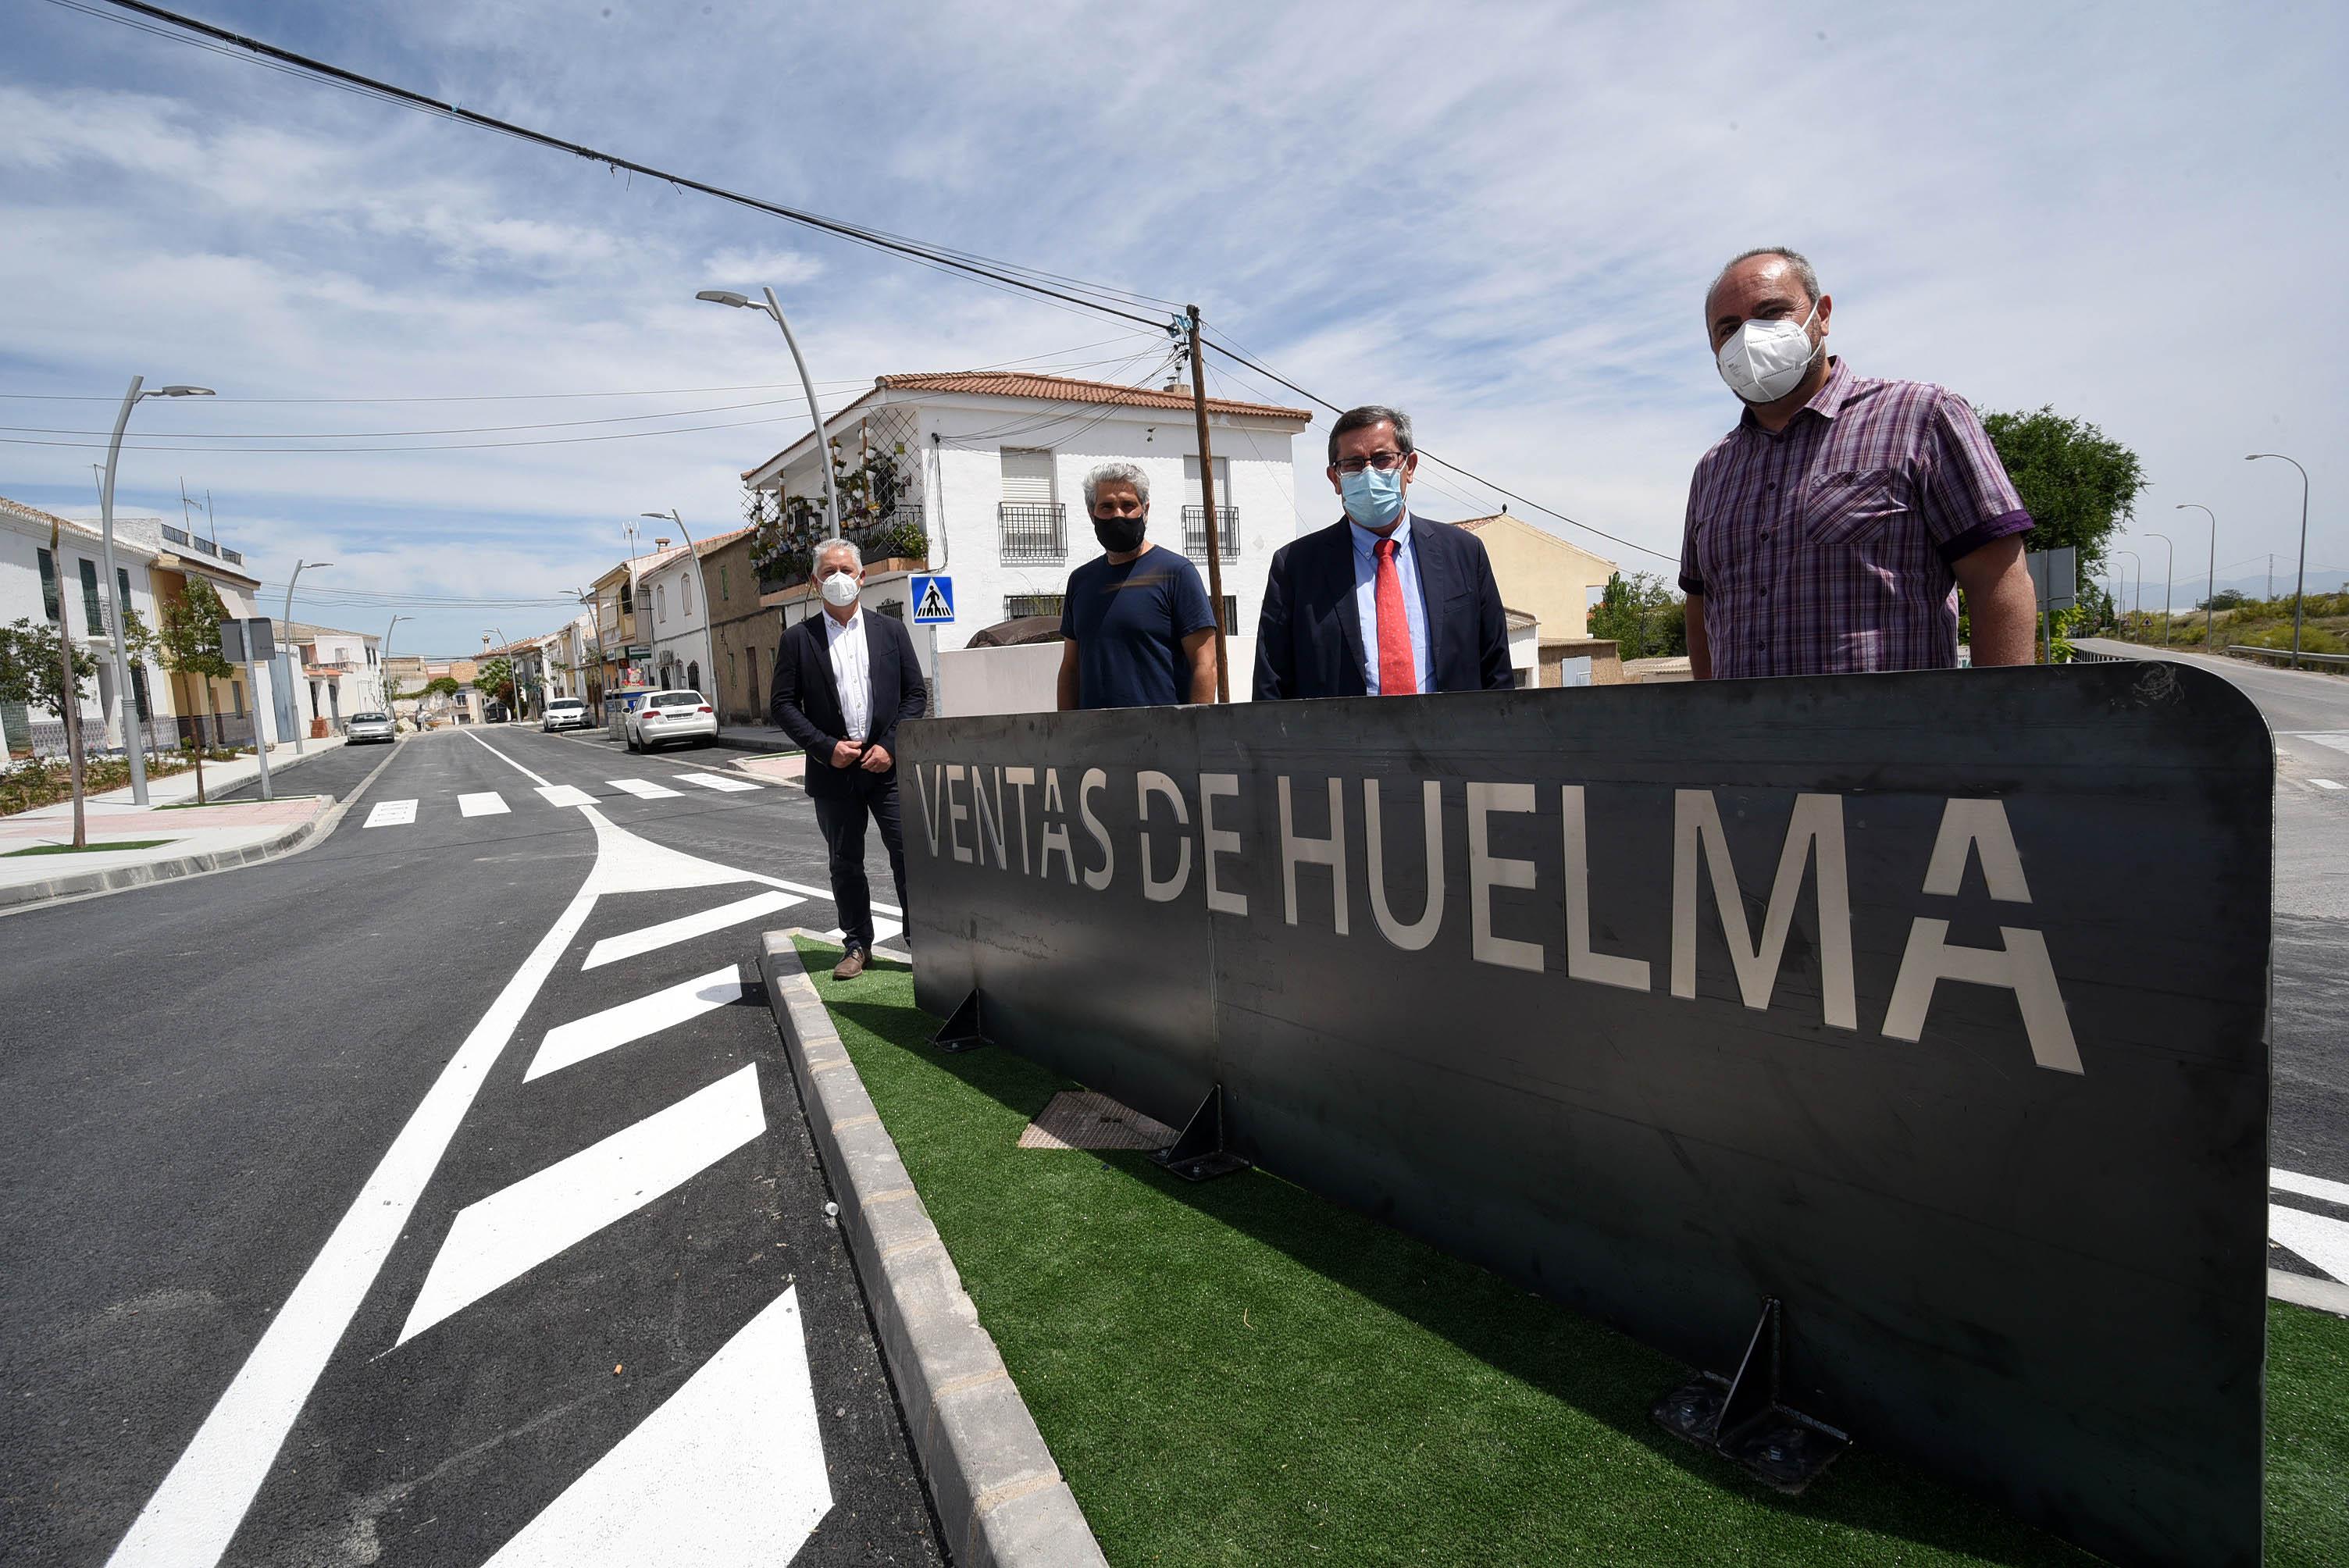 La vía principal de Ventas de Huelma luce renovada tras una inversión de 180.000 euros